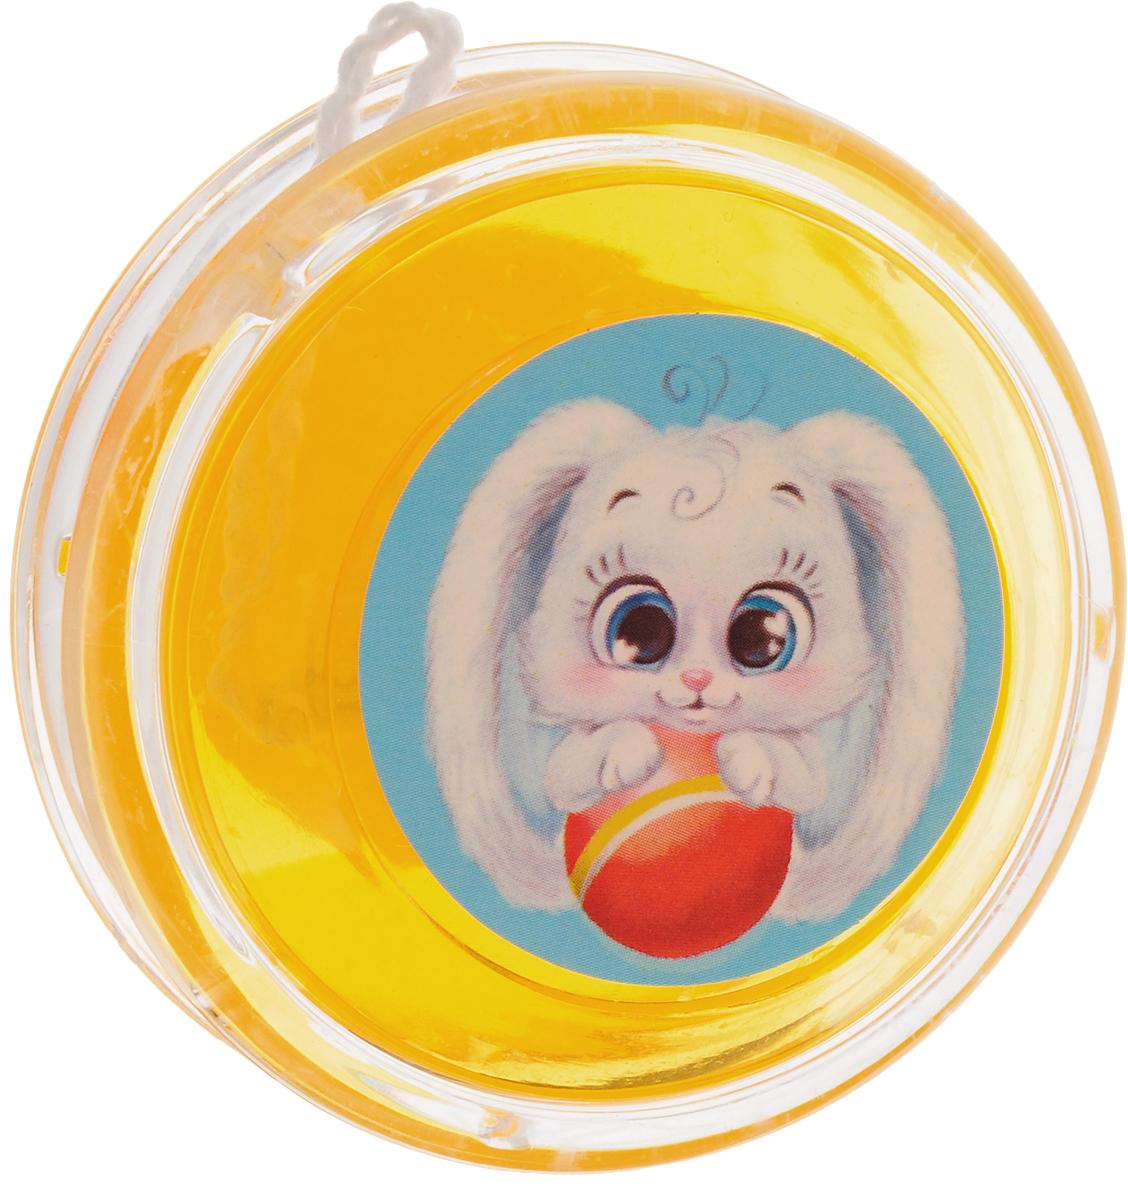 Sima-land Йо-йо Зайчик цвет желтый sima land антистрессовая игрушка пружинка радуга мышка